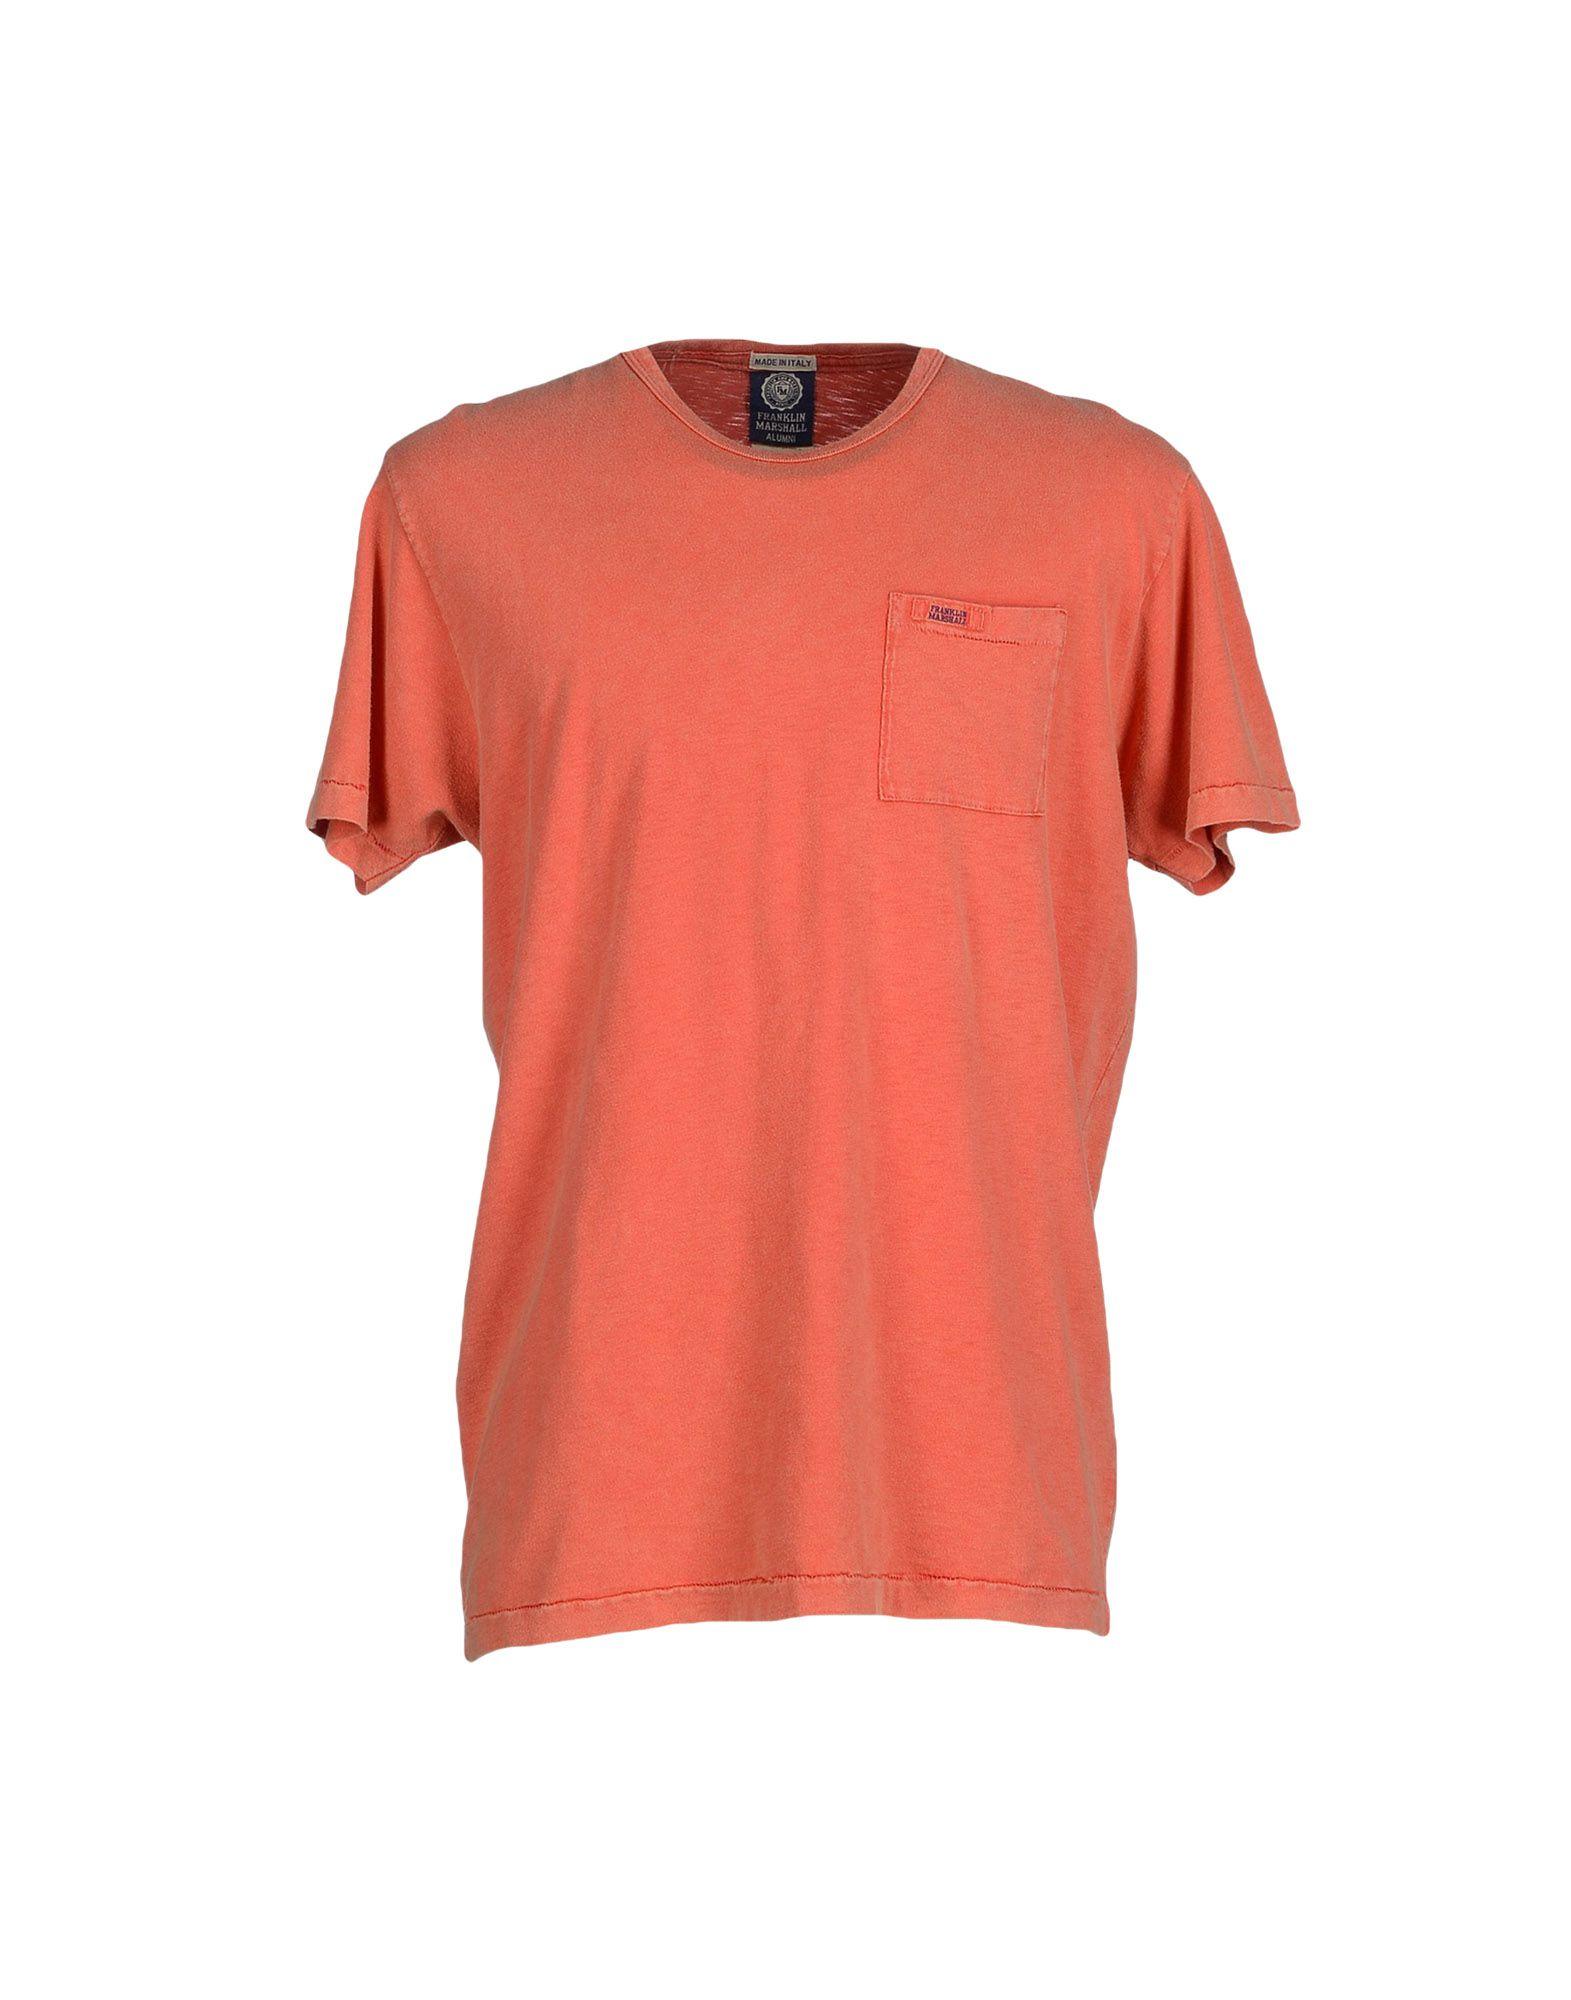 Franklin Marshall T Shirt In Orange For Men Lyst